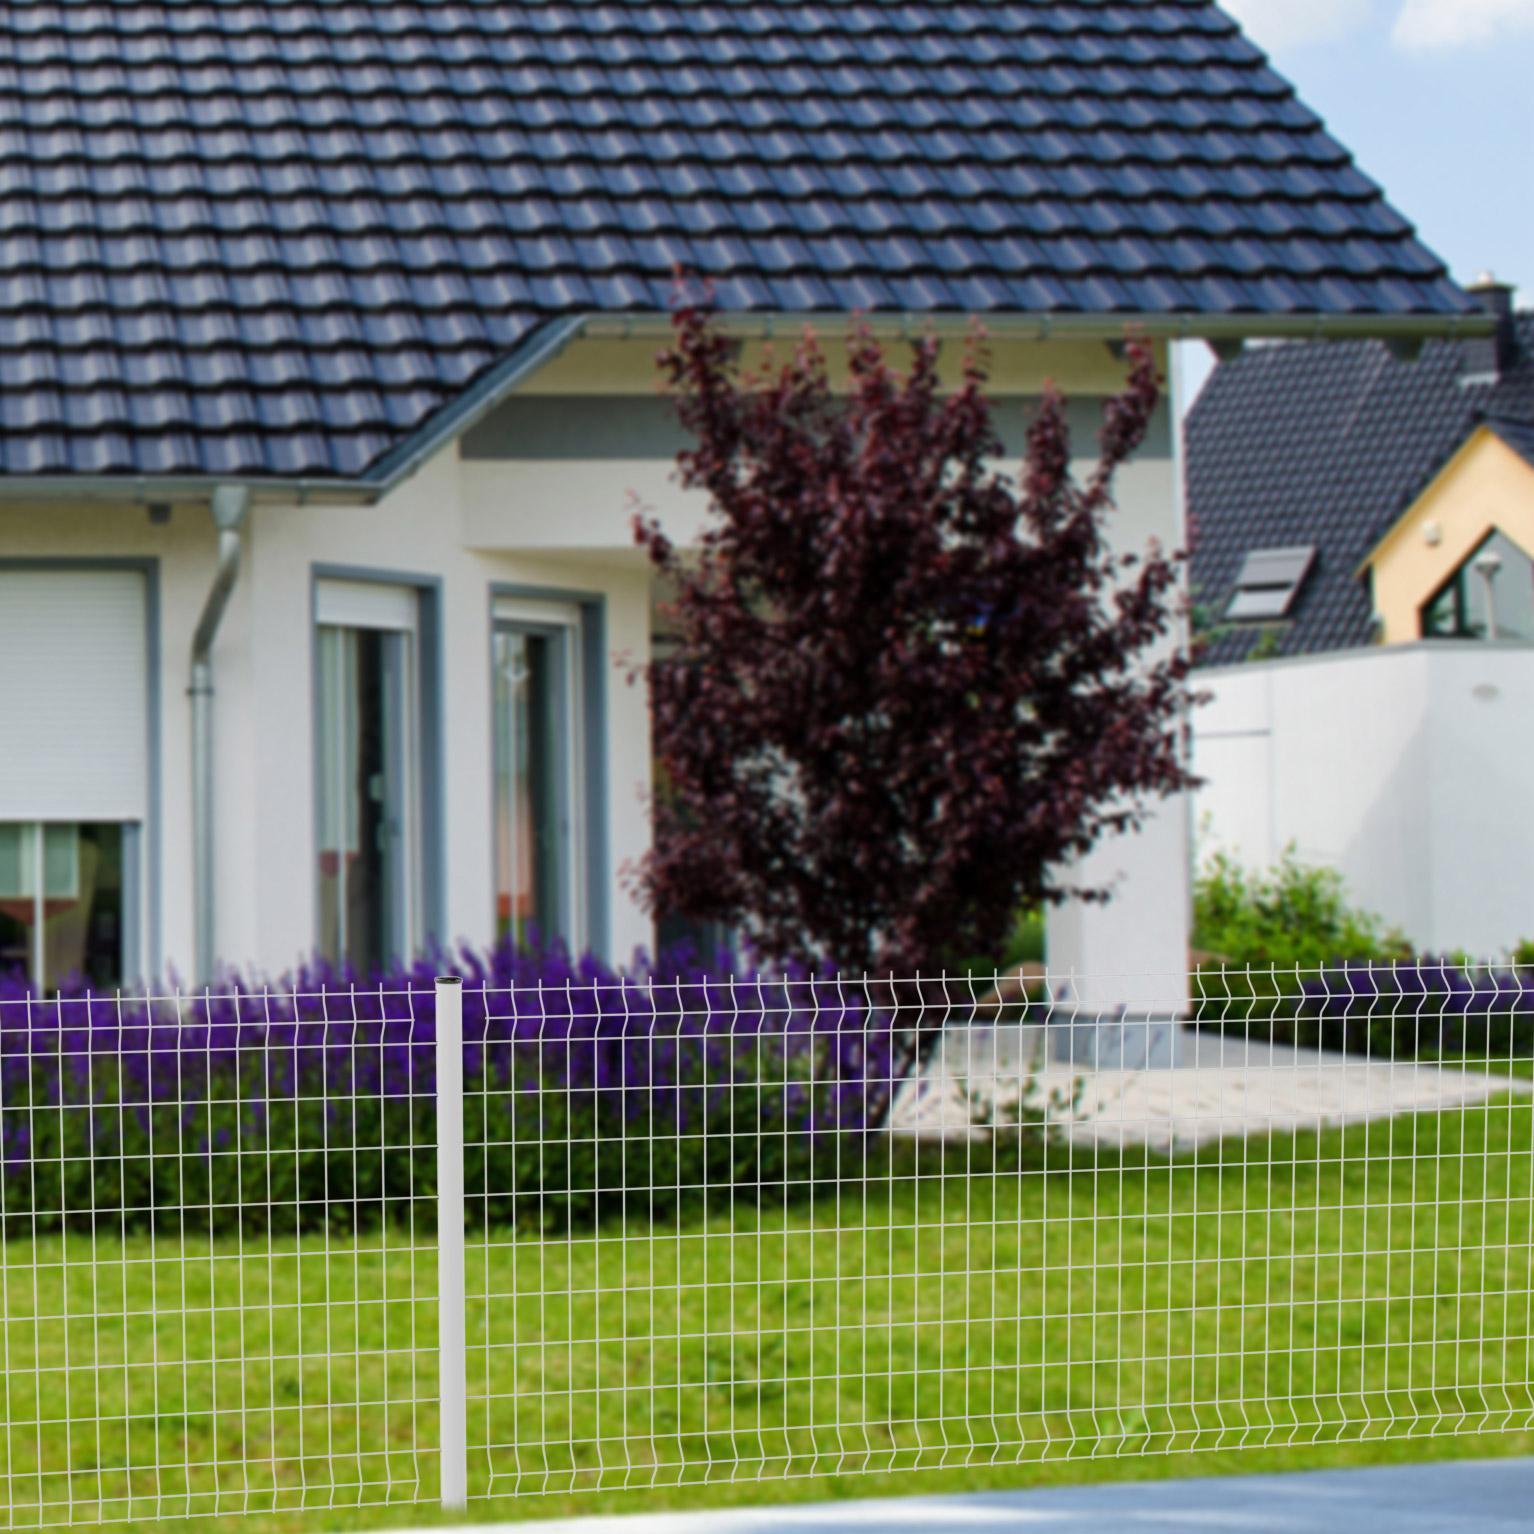 Petite Cloture De Jardin Blanche grillage panneau soudé cerista s blanc h.1.00 x l.2.48m, maille 100x55mm